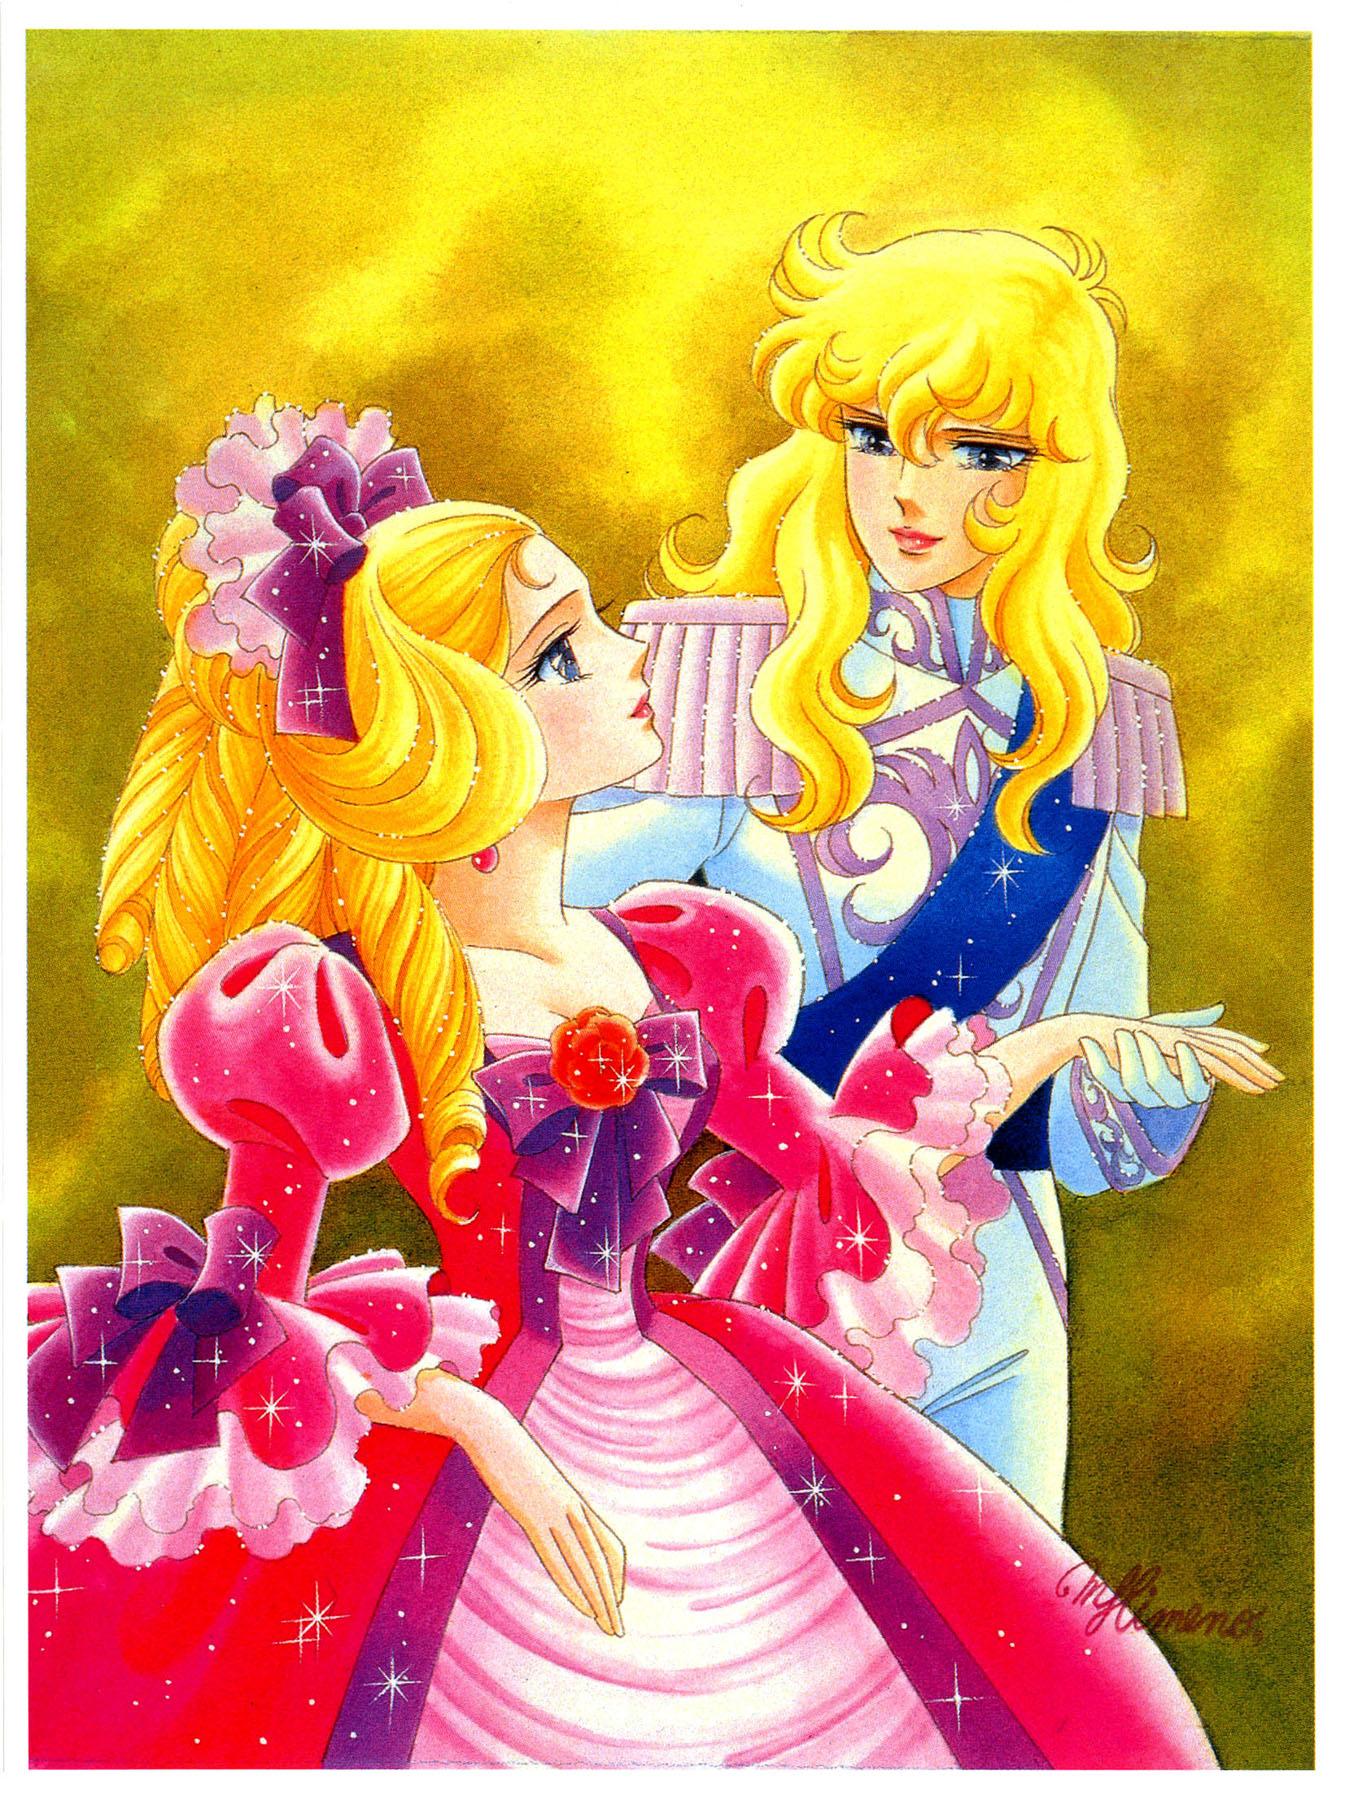 http://grenierdelatv.free.fr/2/LadyOscarhimeno07.jpg